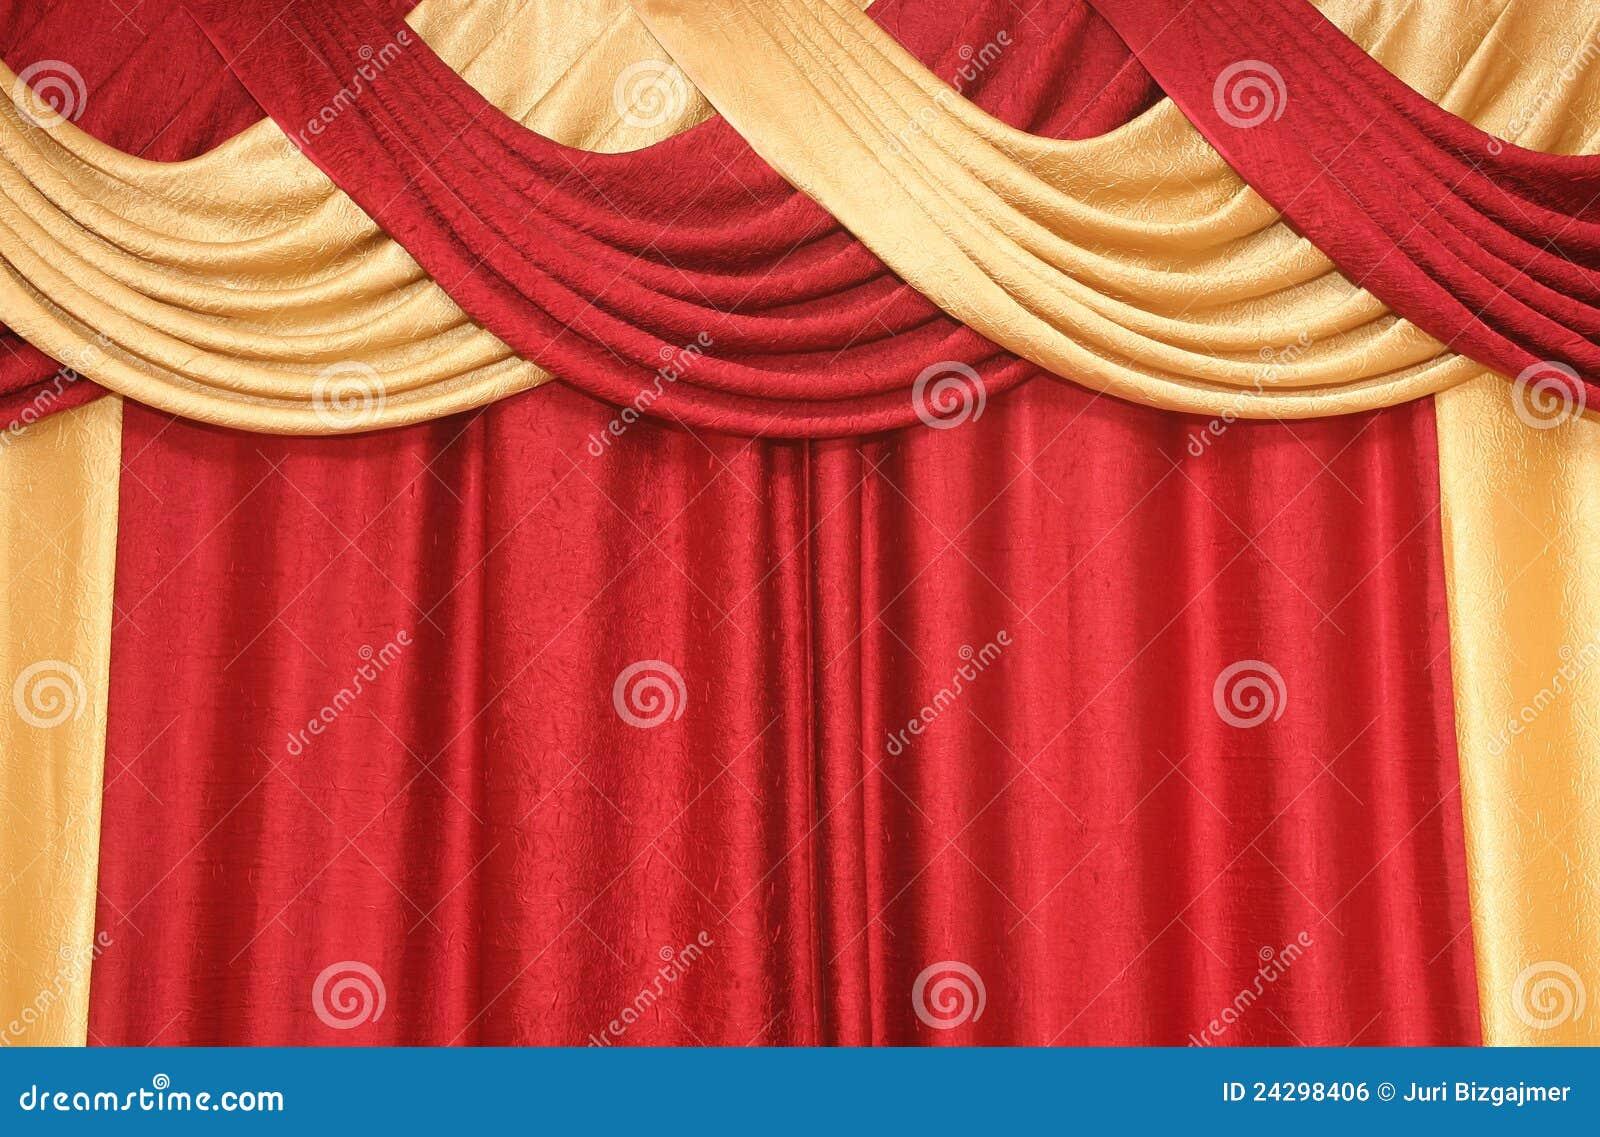 Cortina del color rojo y amarillo imagen de archivo libre - Colores de cortinas ...